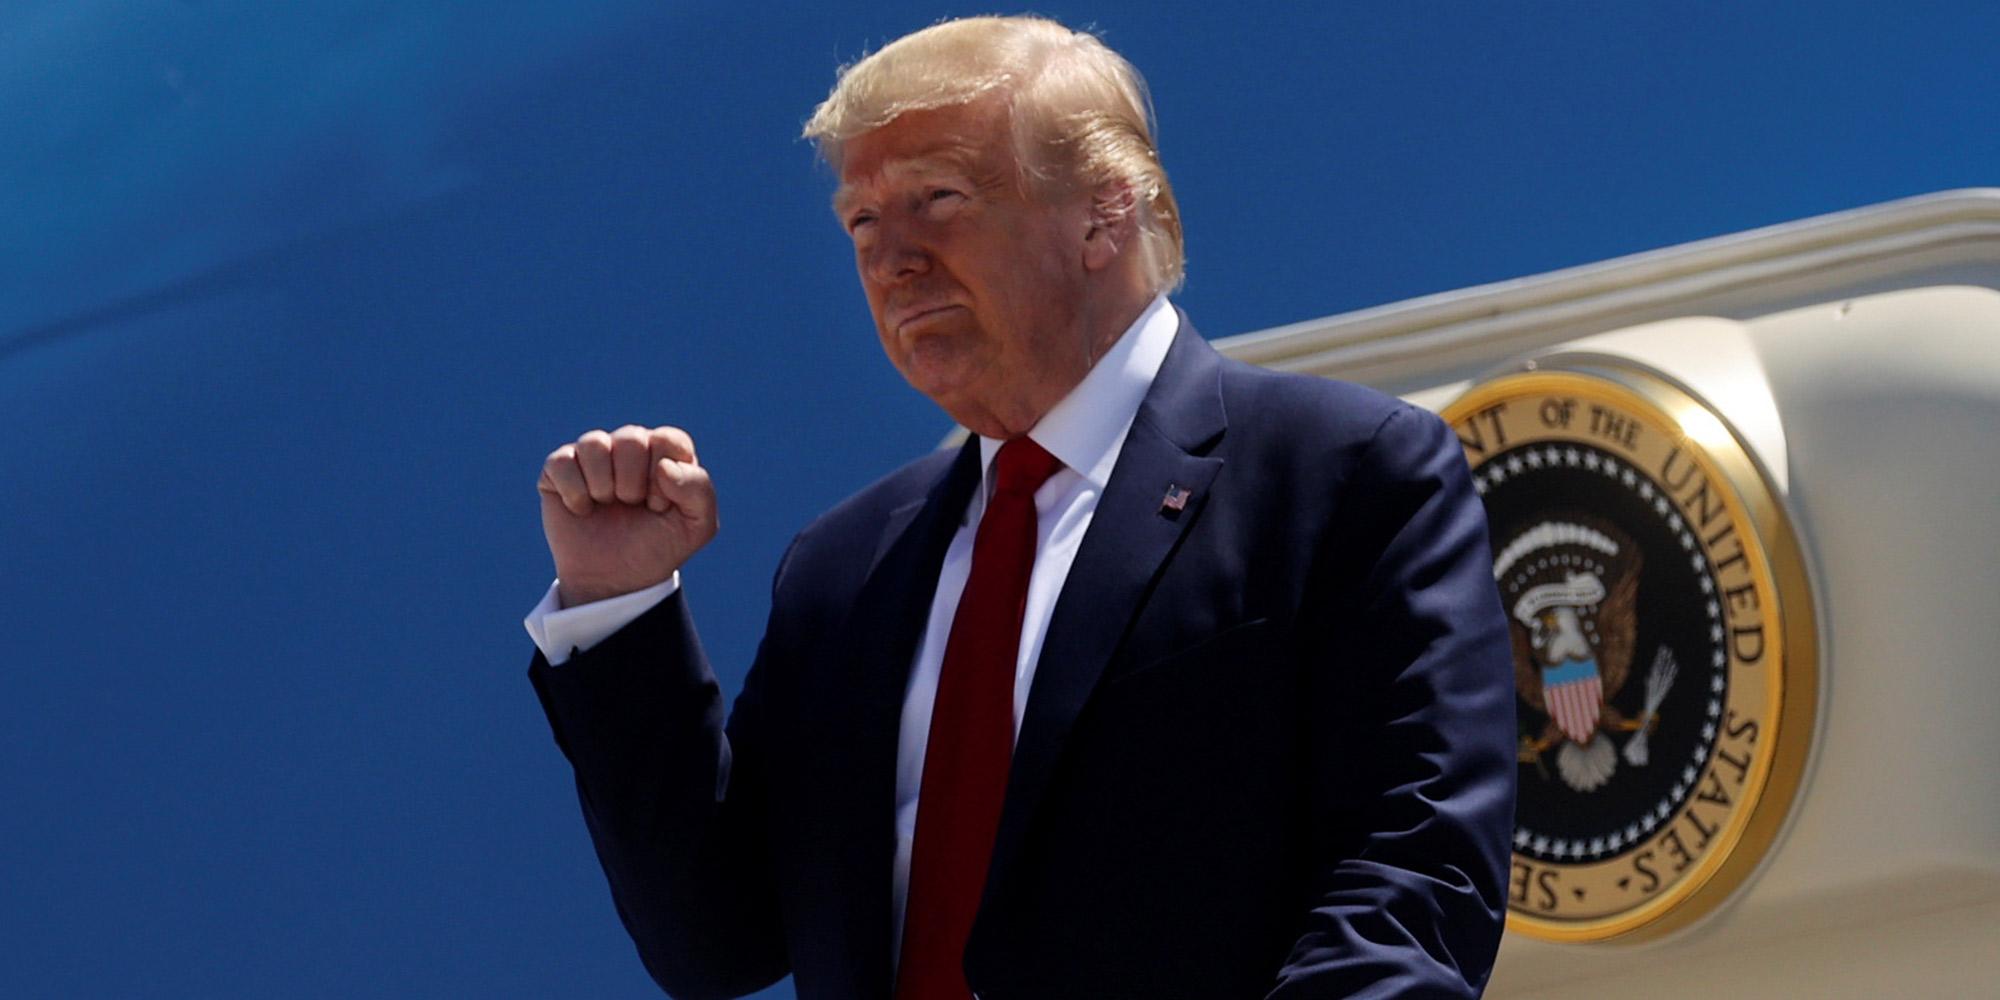 États-Unis : la nouvelle décision controversée de Donald Trump sur l'immigration